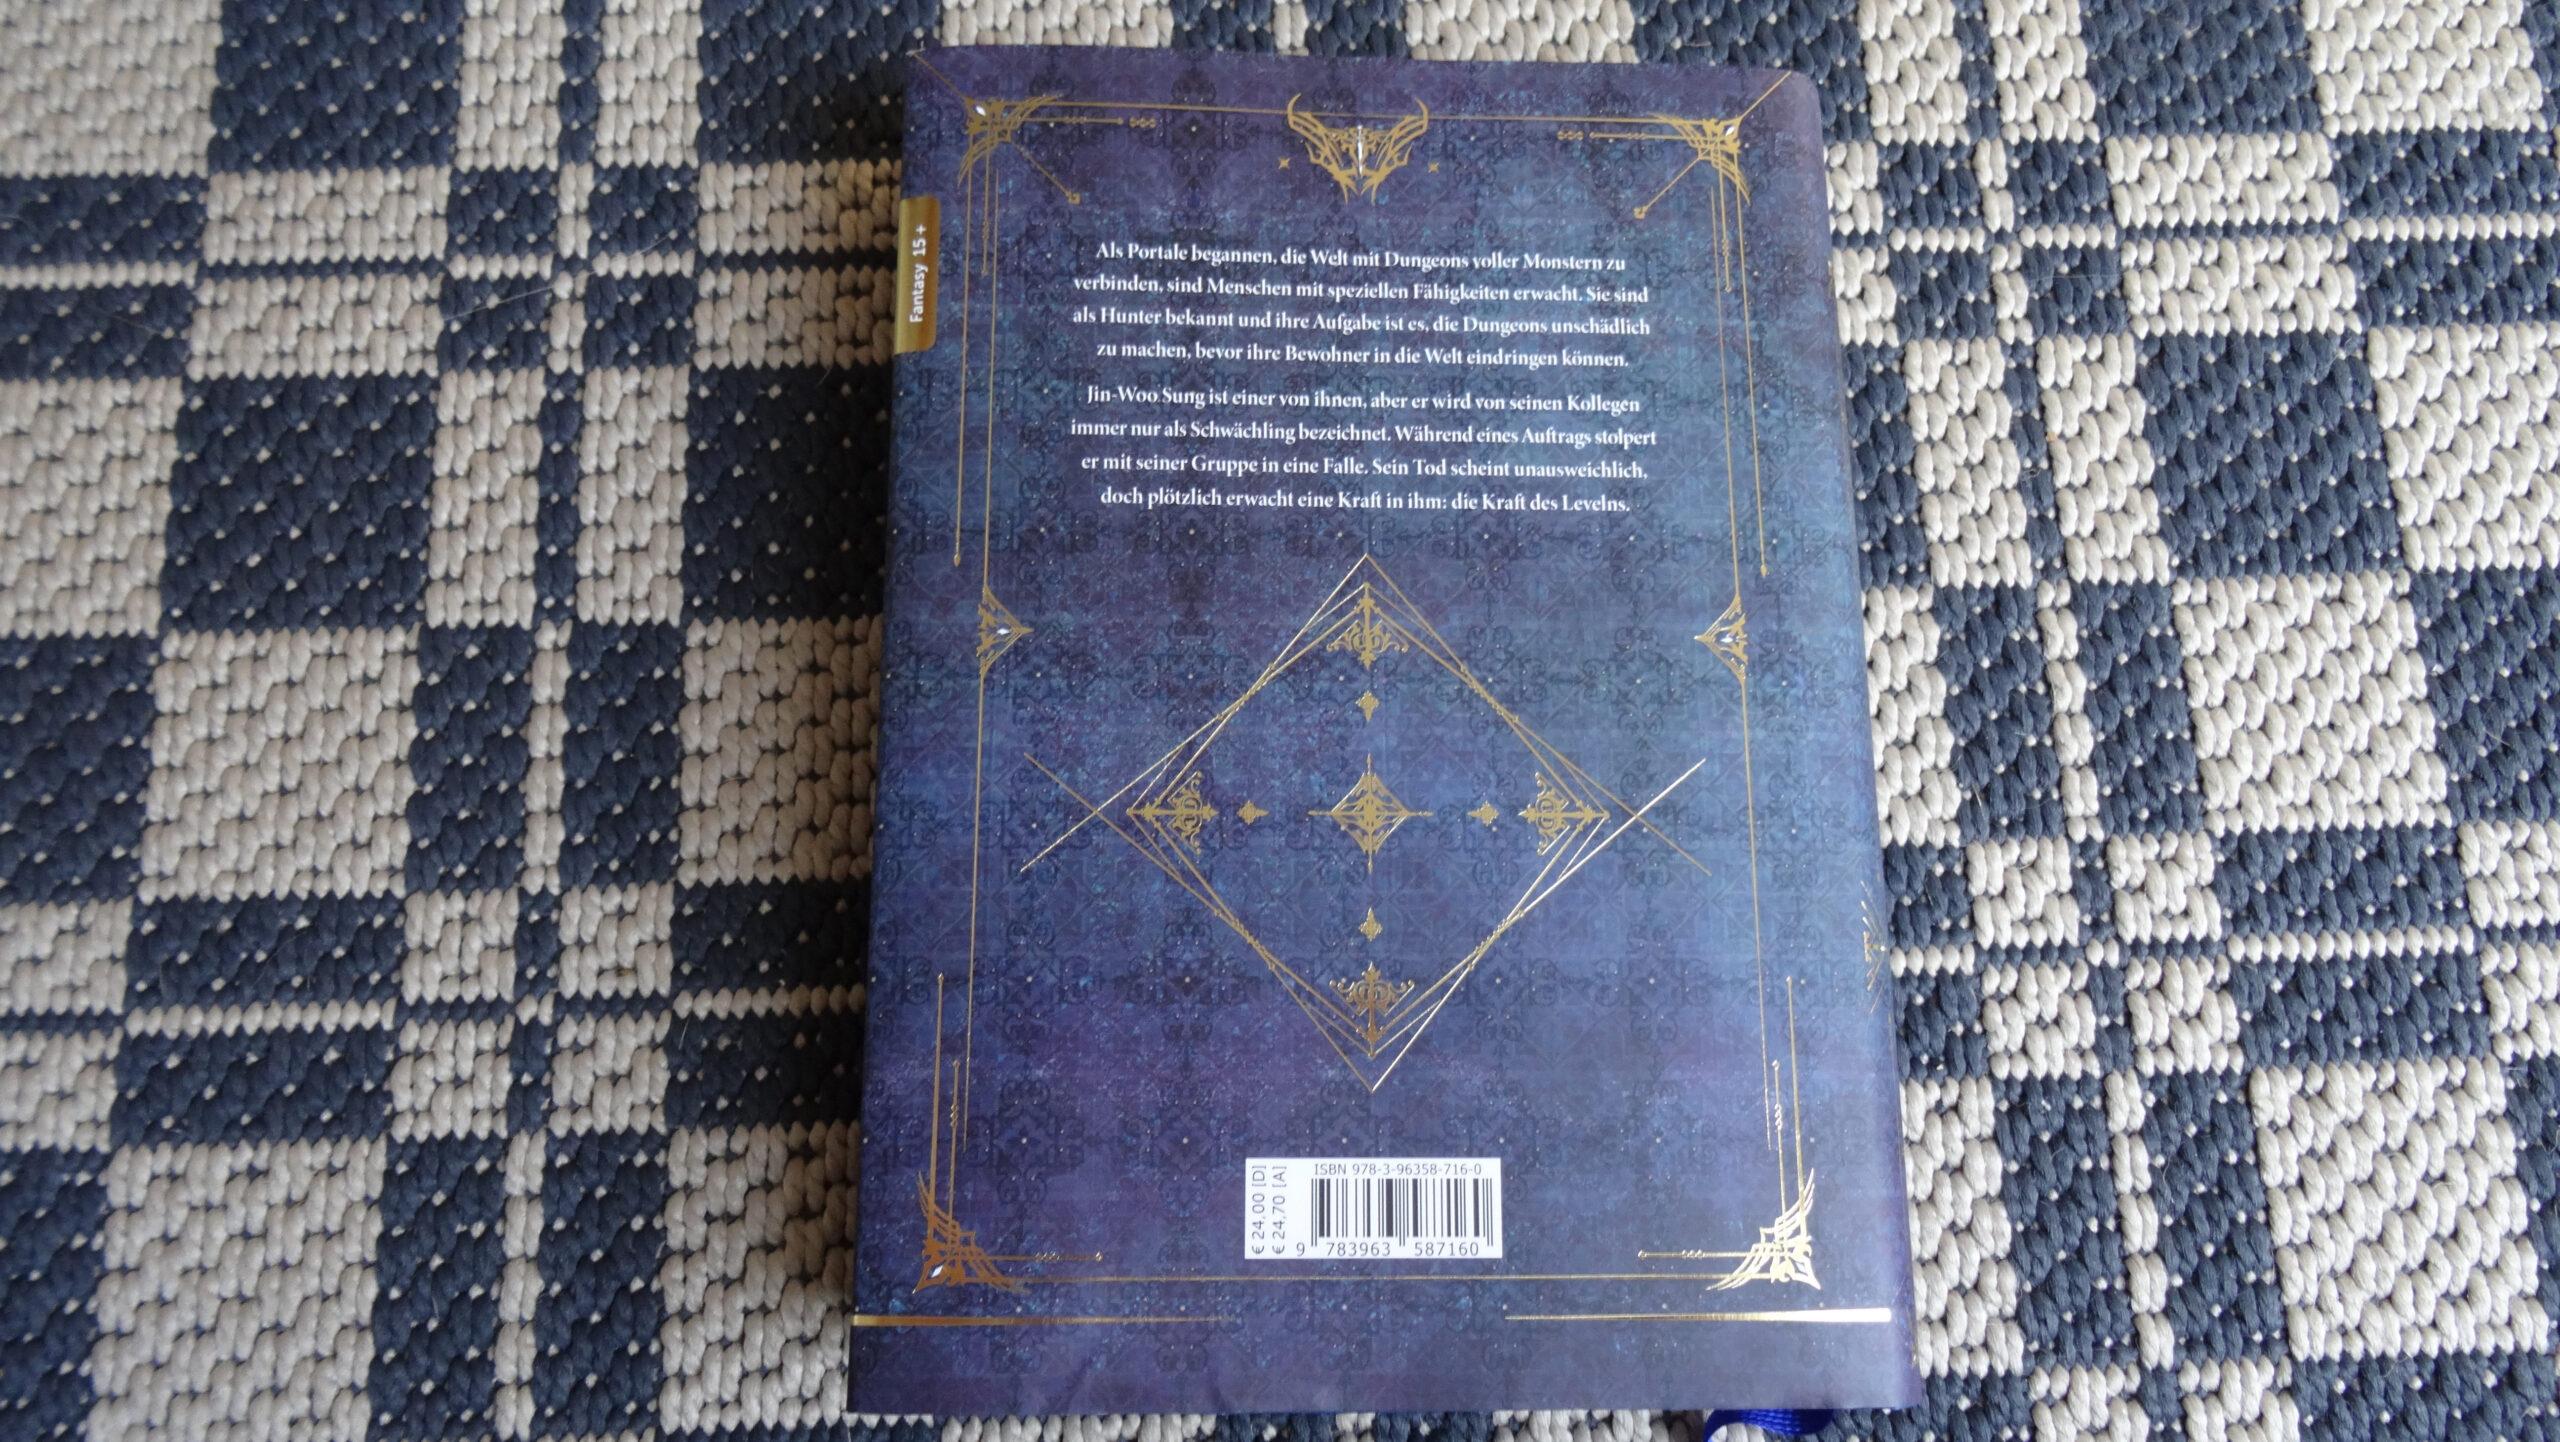 Das Bild zeigt die Rückseite des Solo-Leveling Band 01 mit Umschlag.